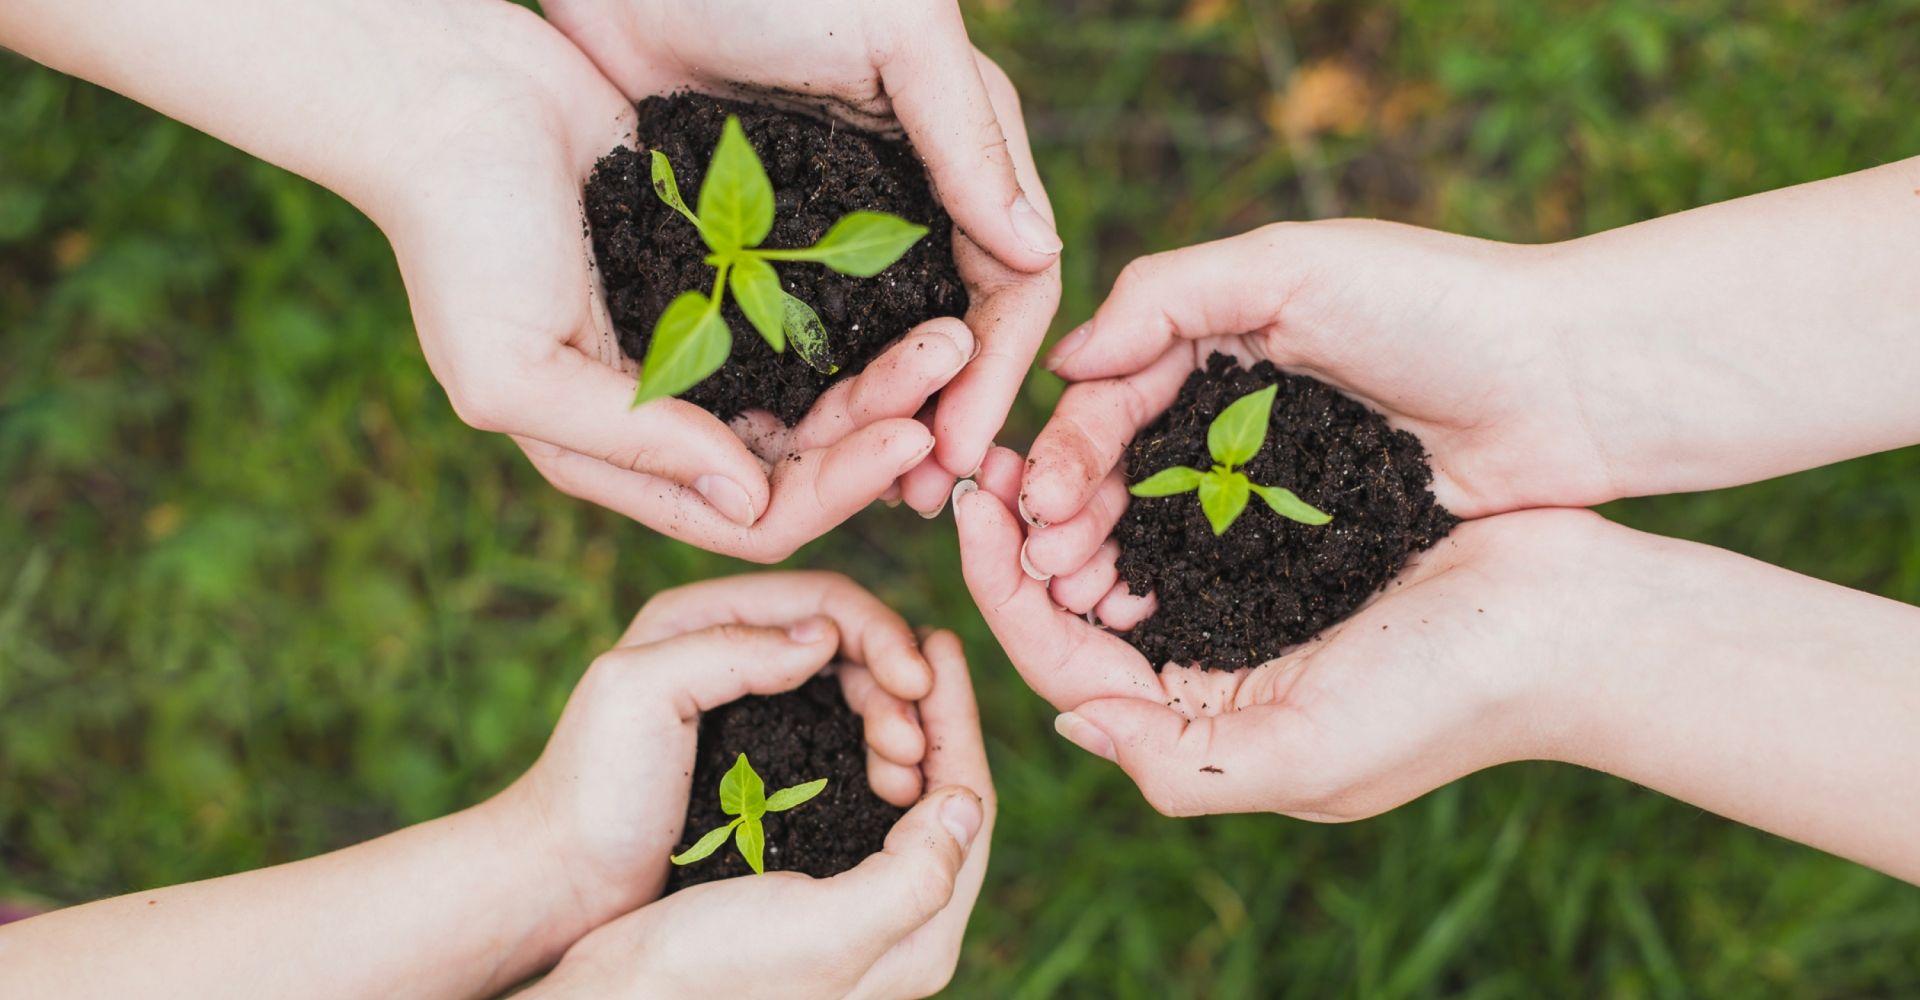 Notre politique environnemental et sociétal